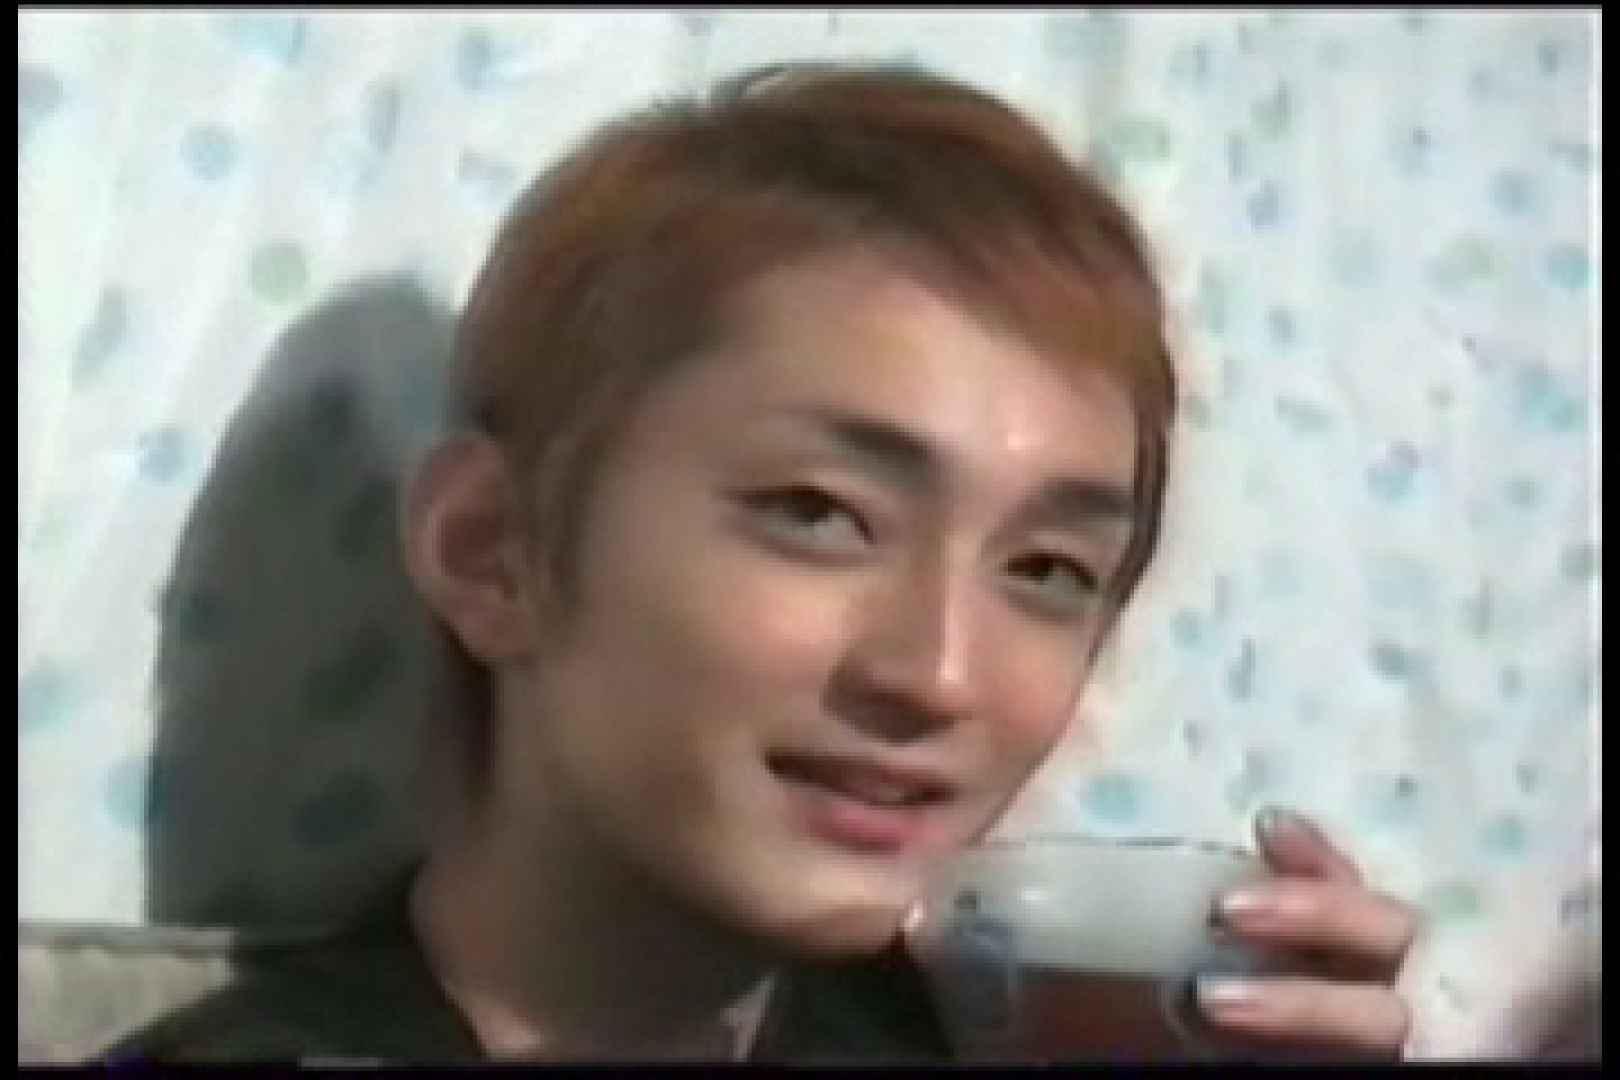 【流出】アイドルを目指したジャニ系イケメンの過去 イケメンパラダイス ケツマンスケベ画像 72pic 49